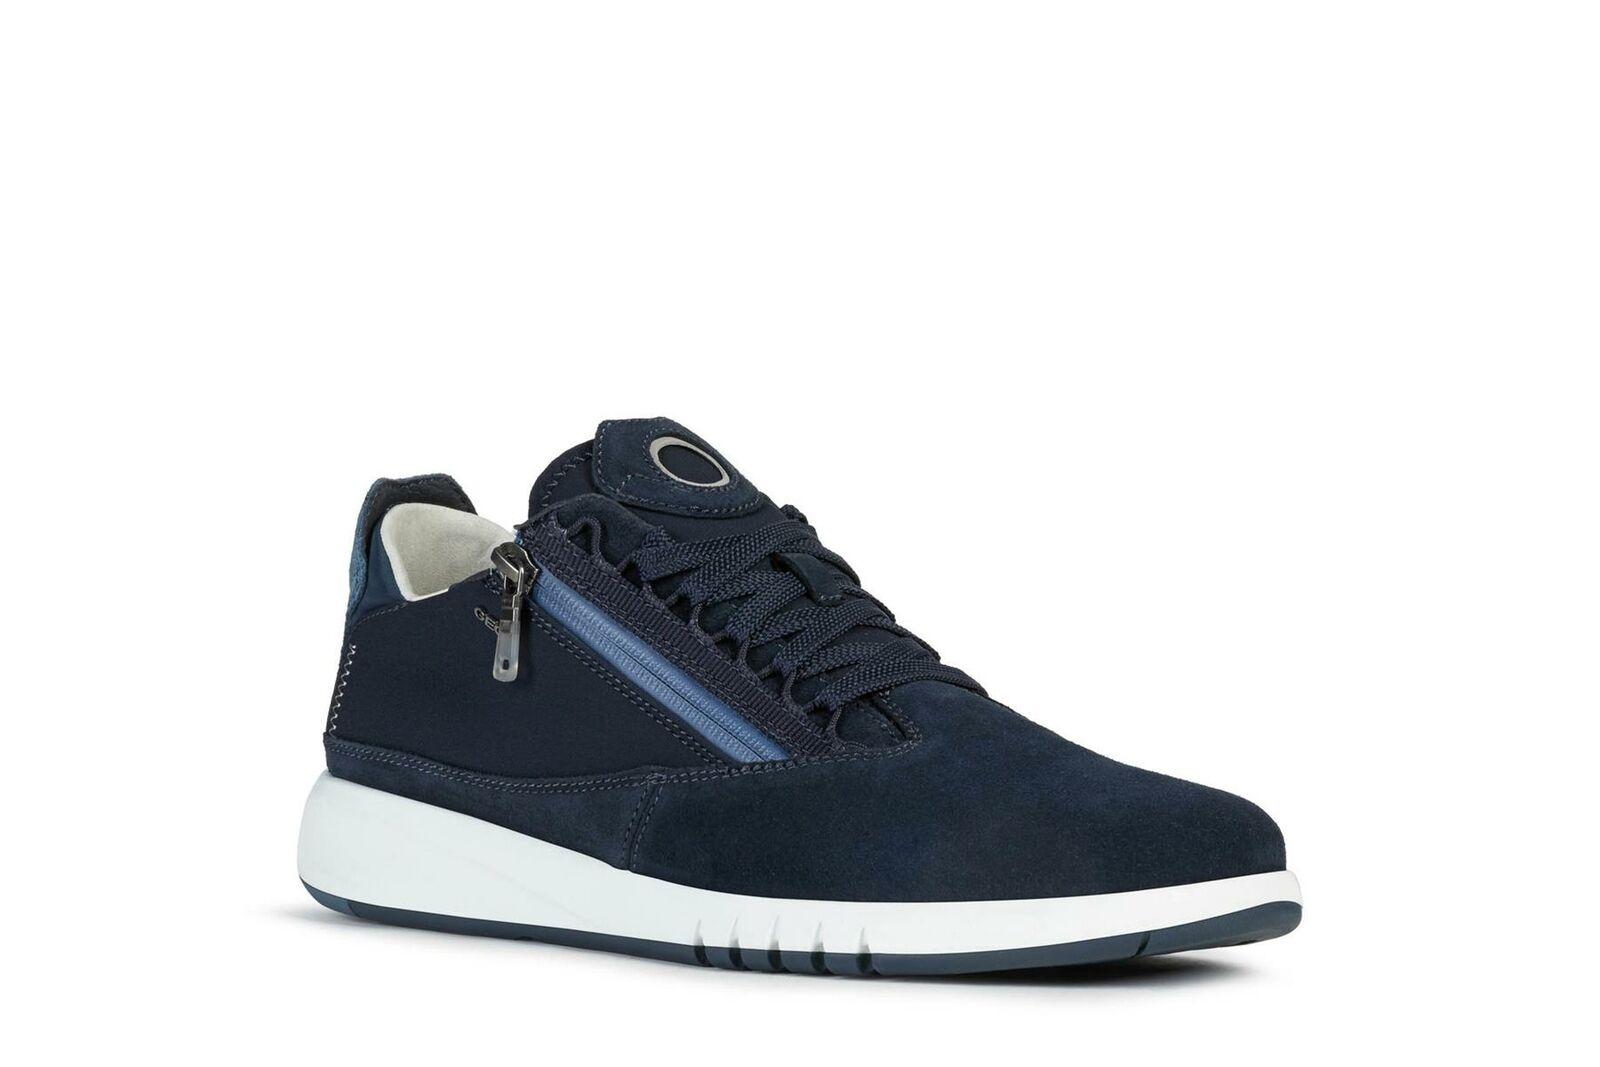 GEOX Mens Low Cut Ultra Breathable Sneakers (Aerantis) in Navy